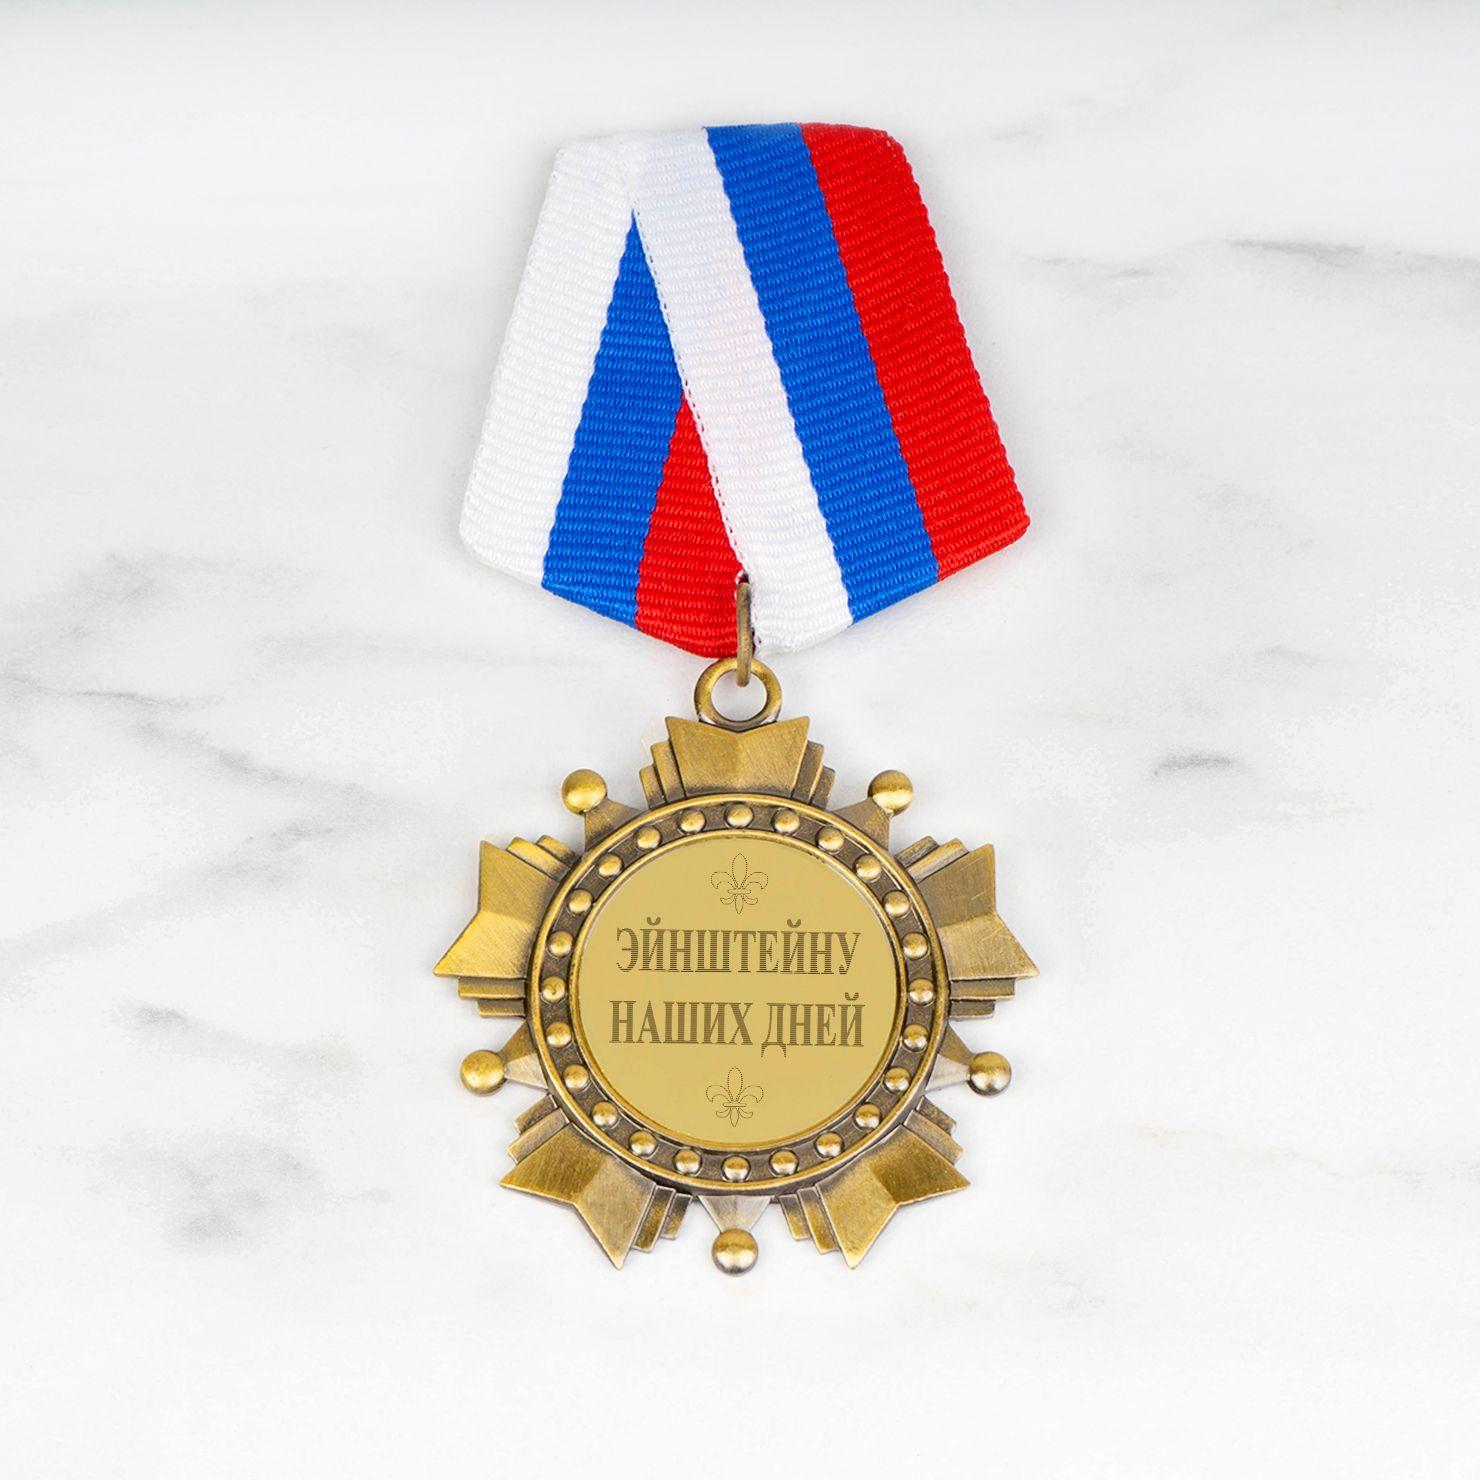 Орден *Эйнштейну наших дней*